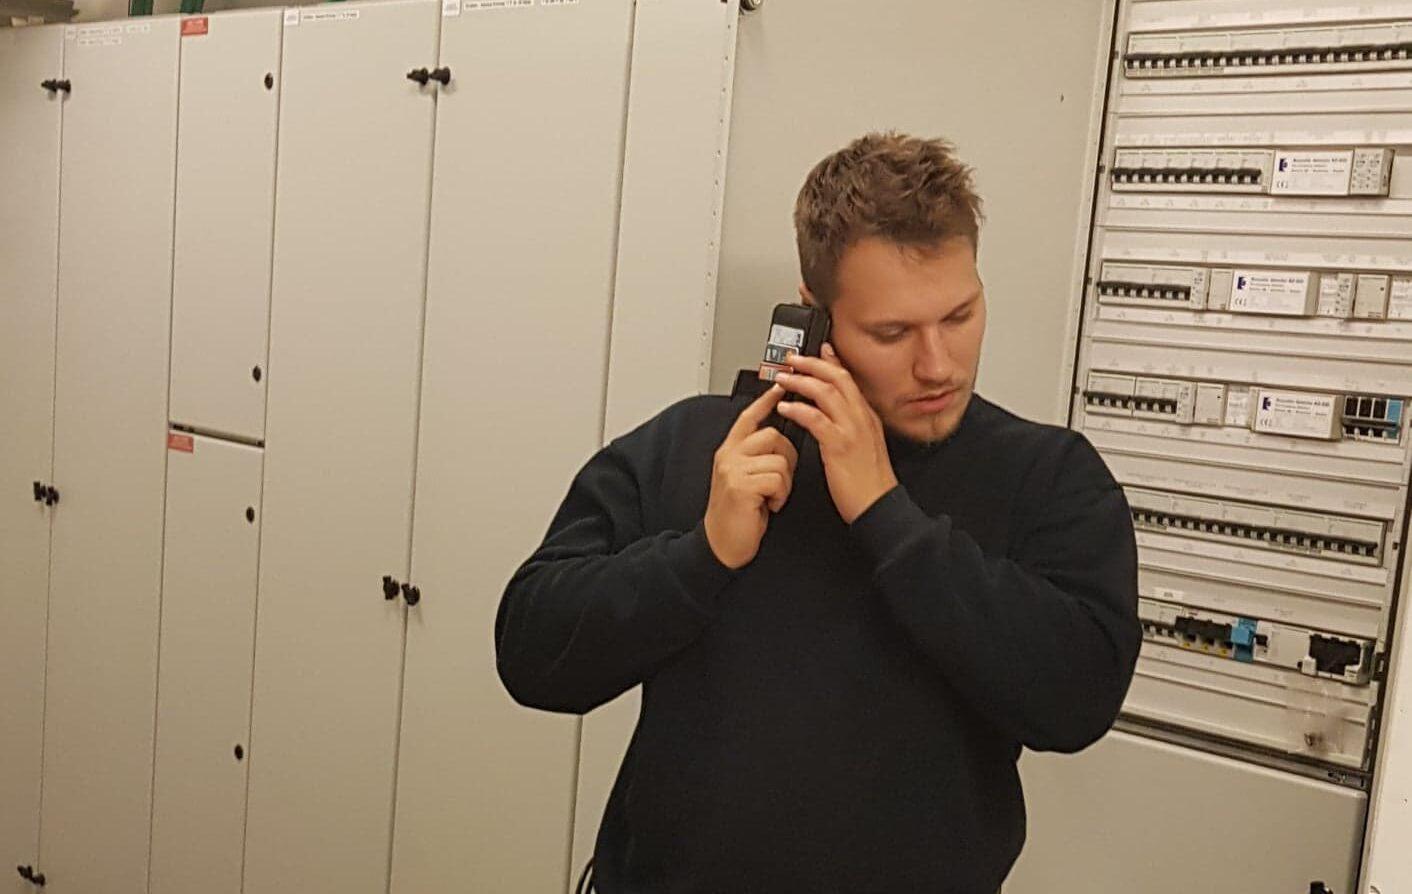 By DEL Elektriker Amager går op i at du får bedste el service hver gang, indhent et gratis tilbud og se priser - Inkls elektriker døgnvagt Amager